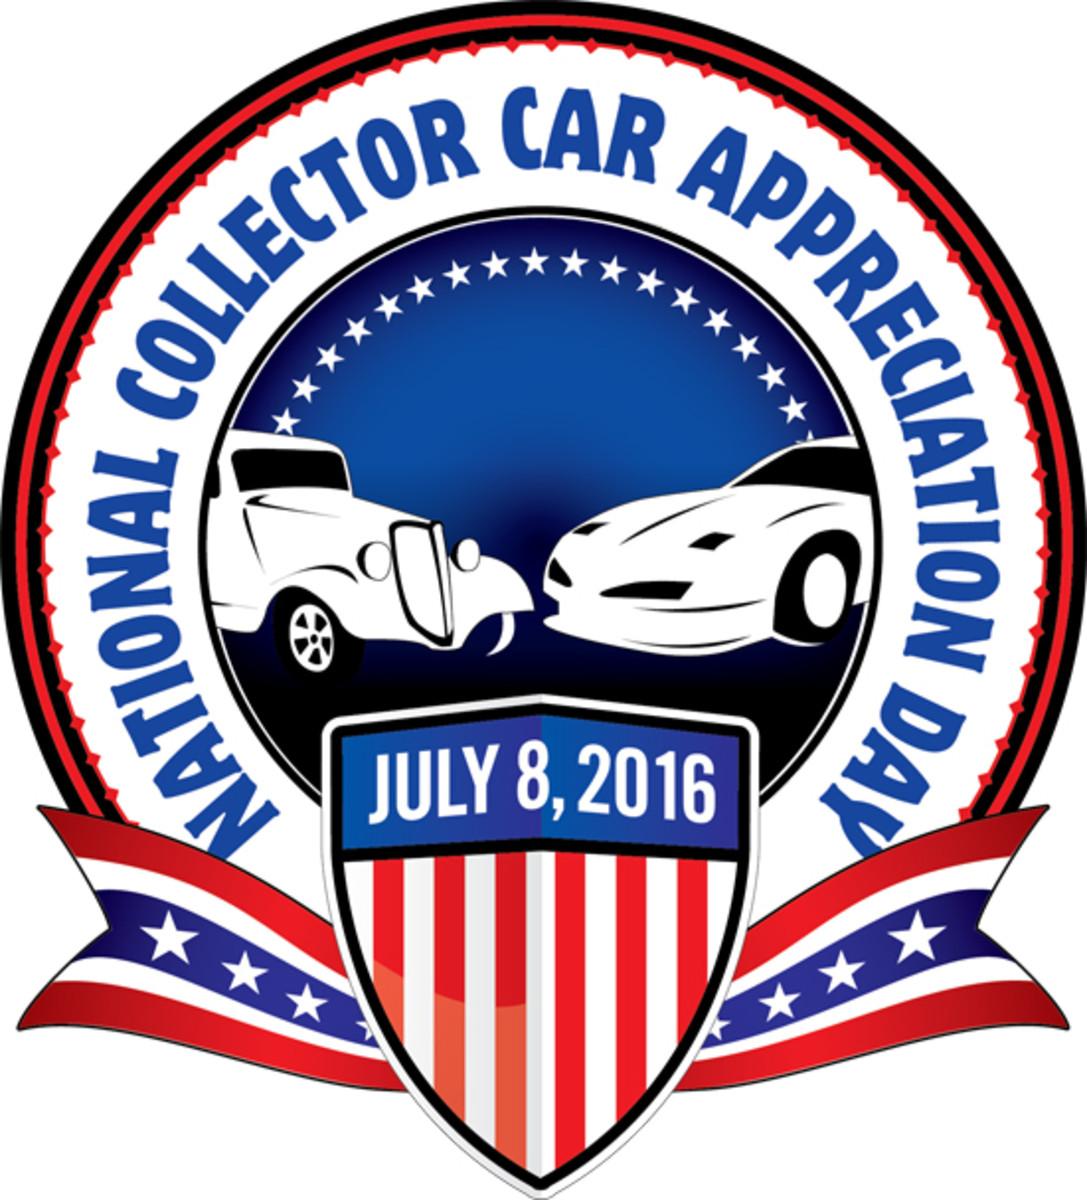 collector-car-appreciation-day2016